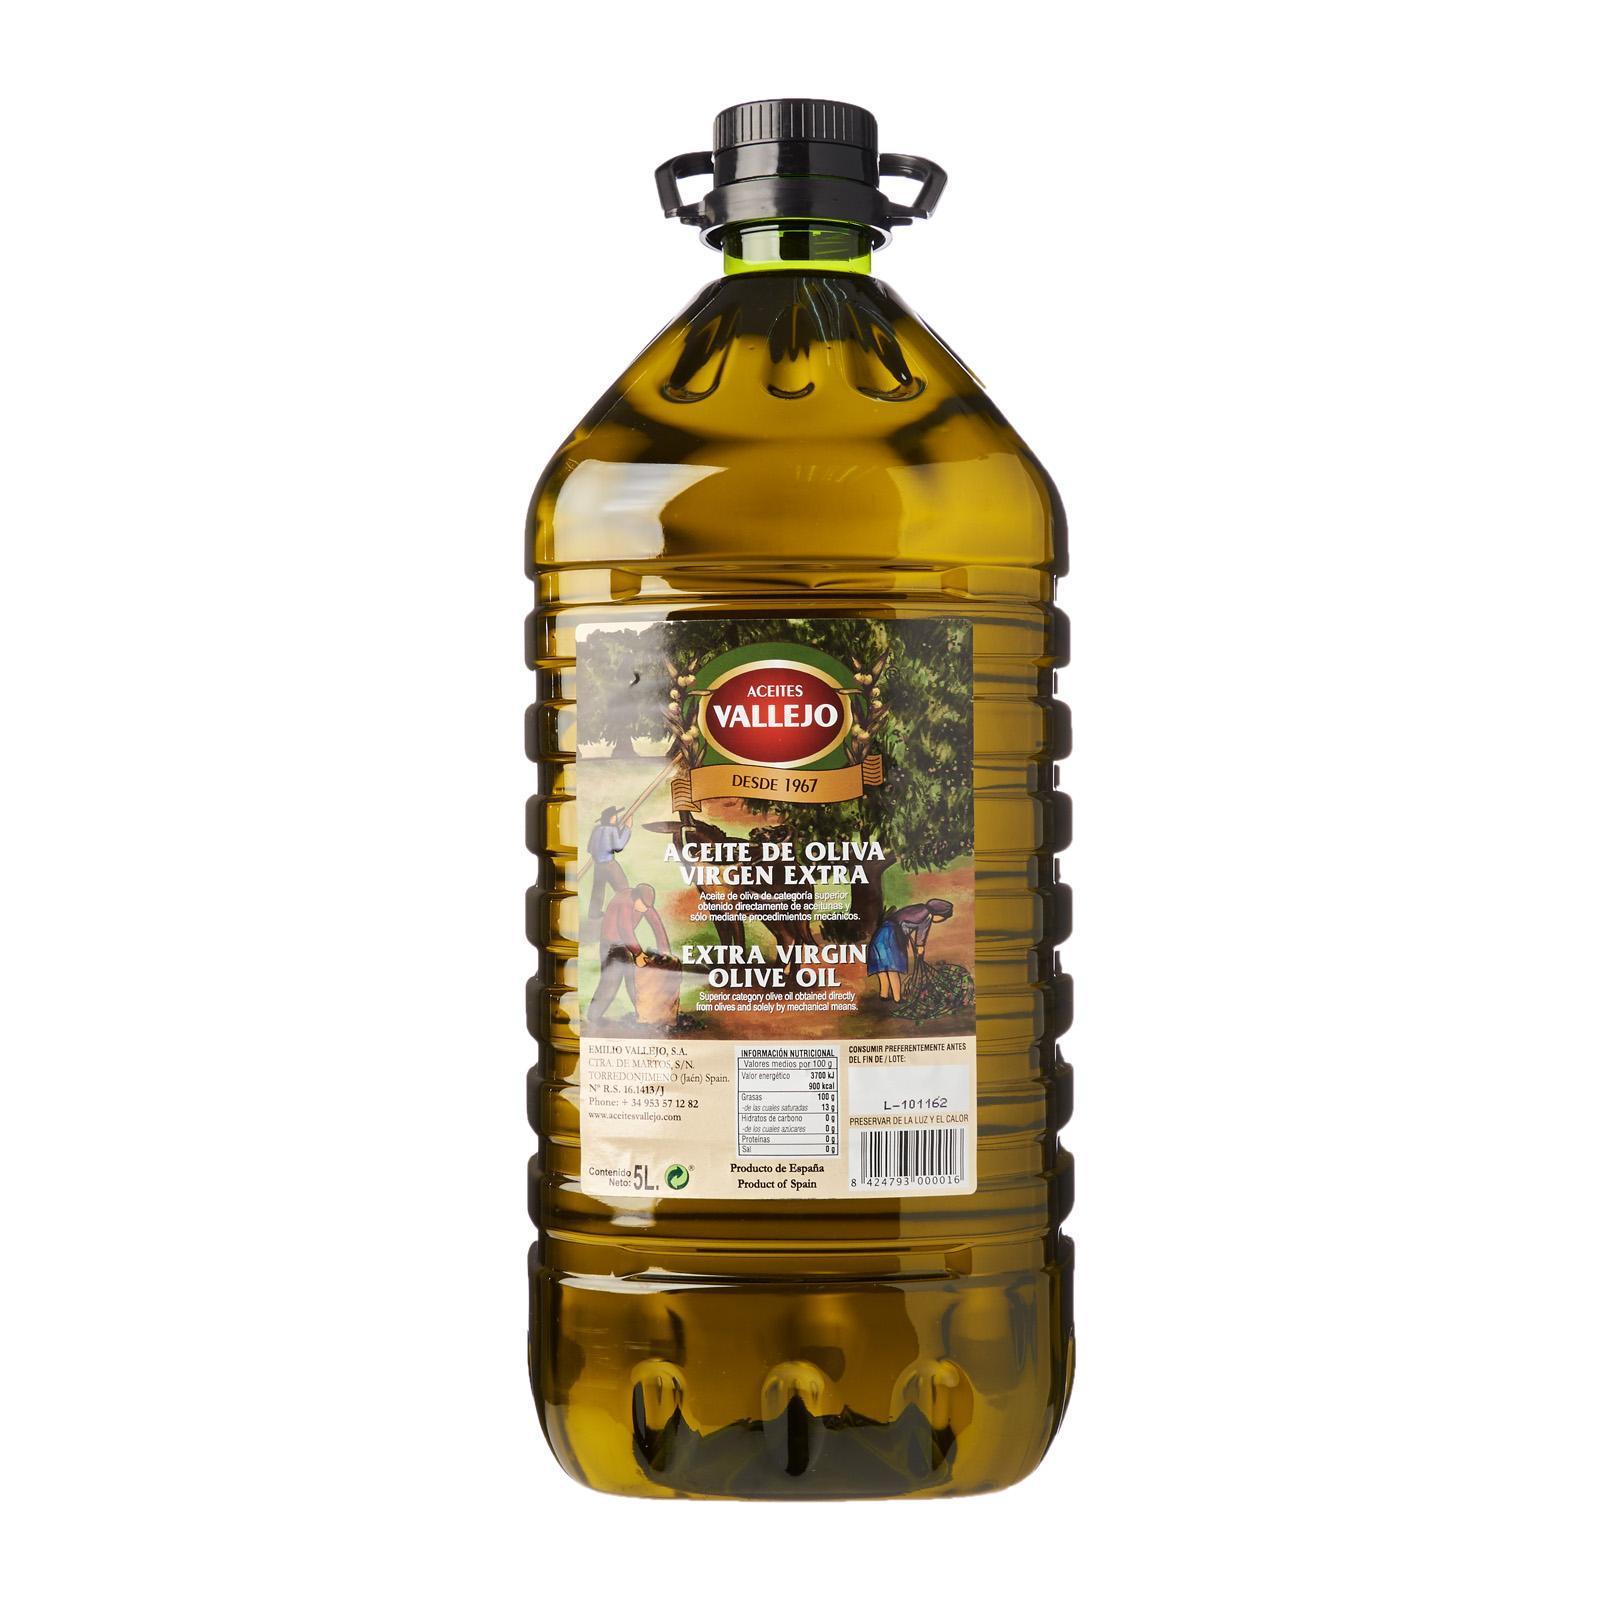 Aceites Vallejo Extra Virgin Olive Oil - The Cellar Door By Redmart.